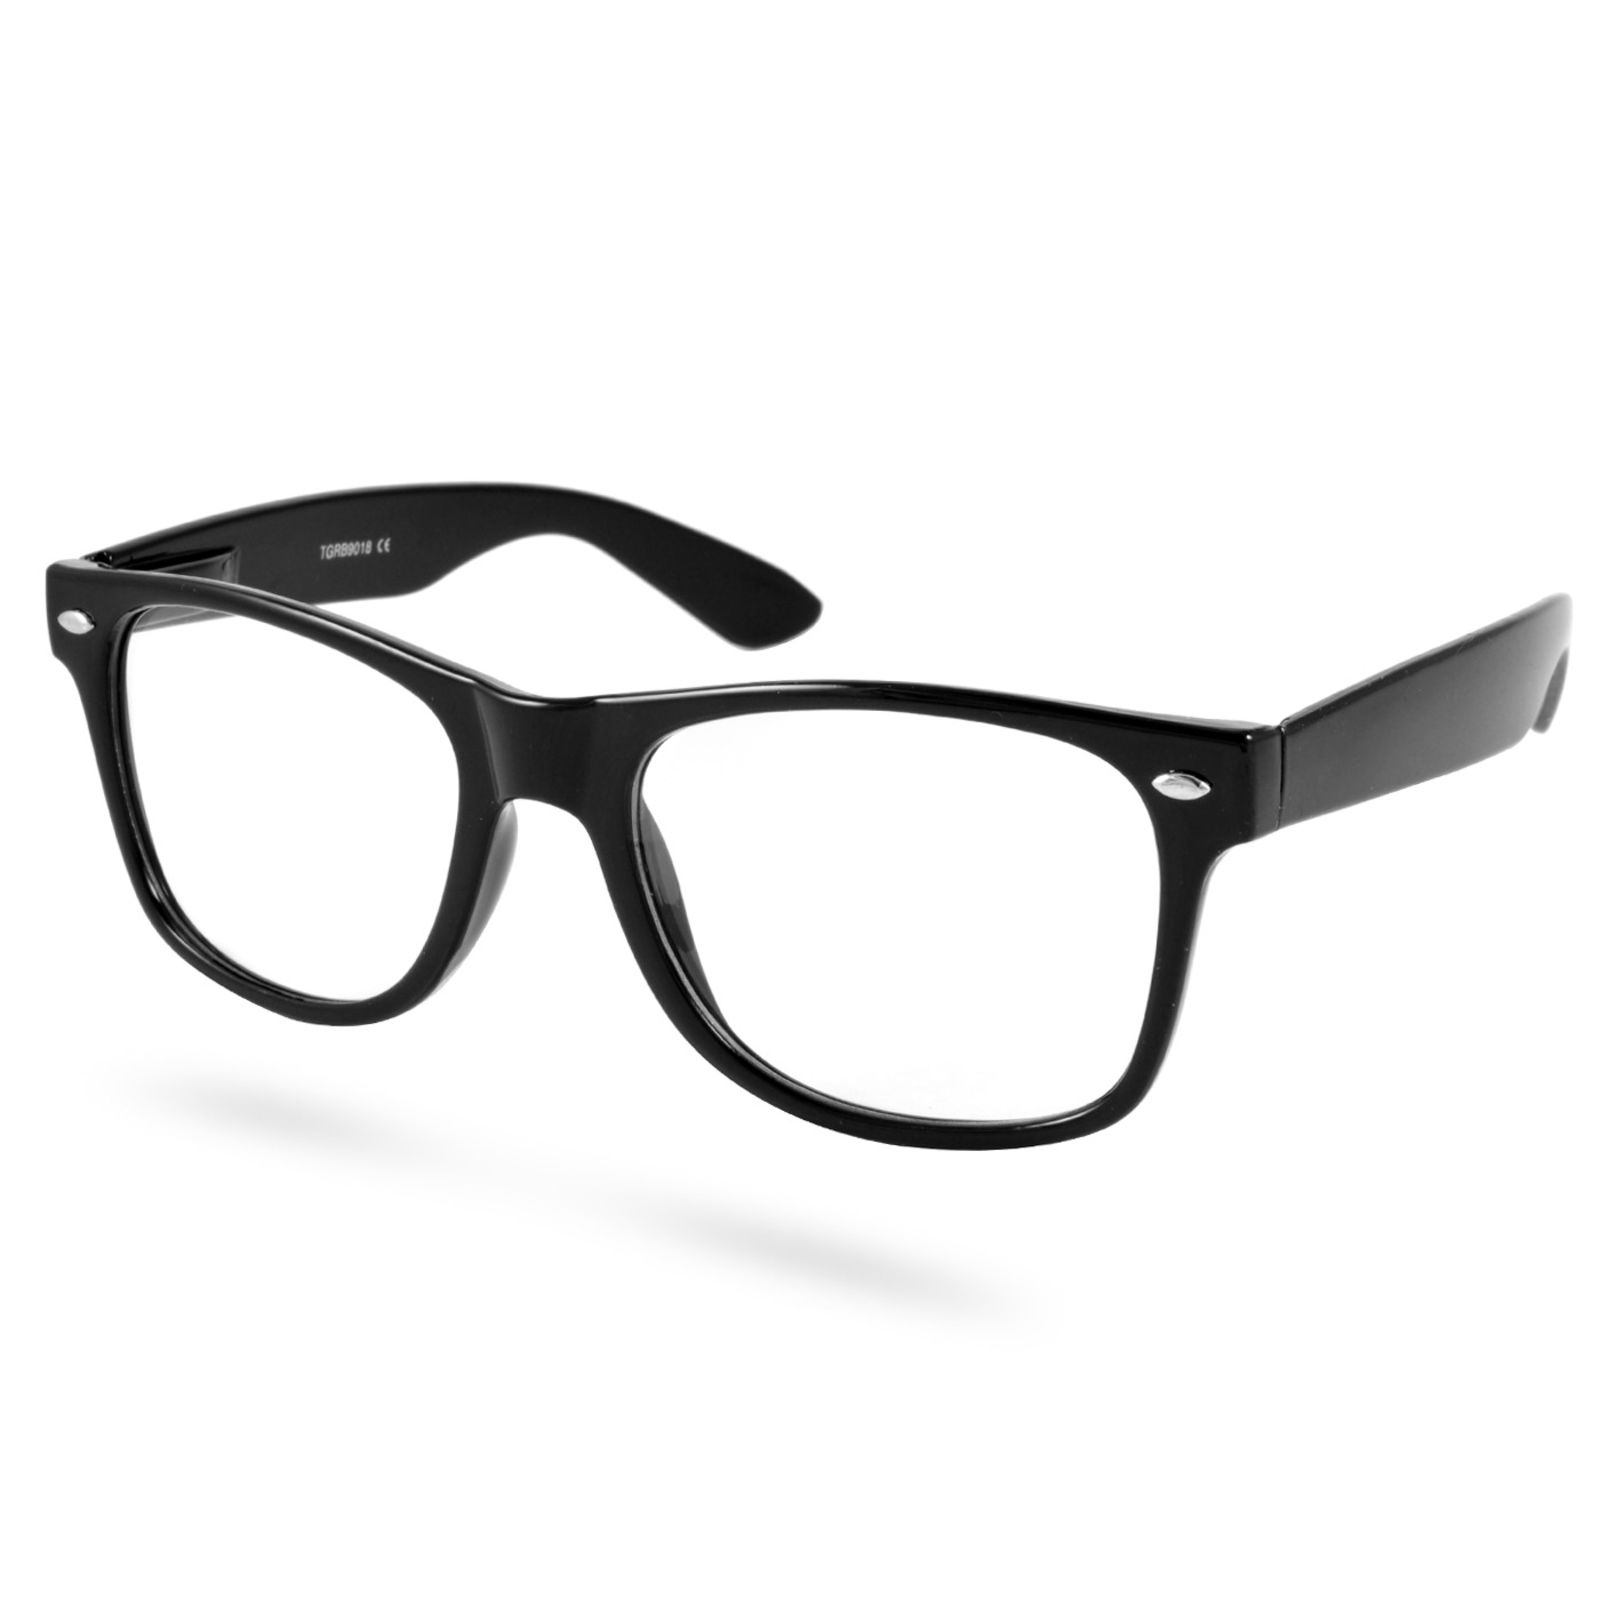 EverShade Čierne retro okuliare s čírymi sklami - Glami.sk 82469df98e4